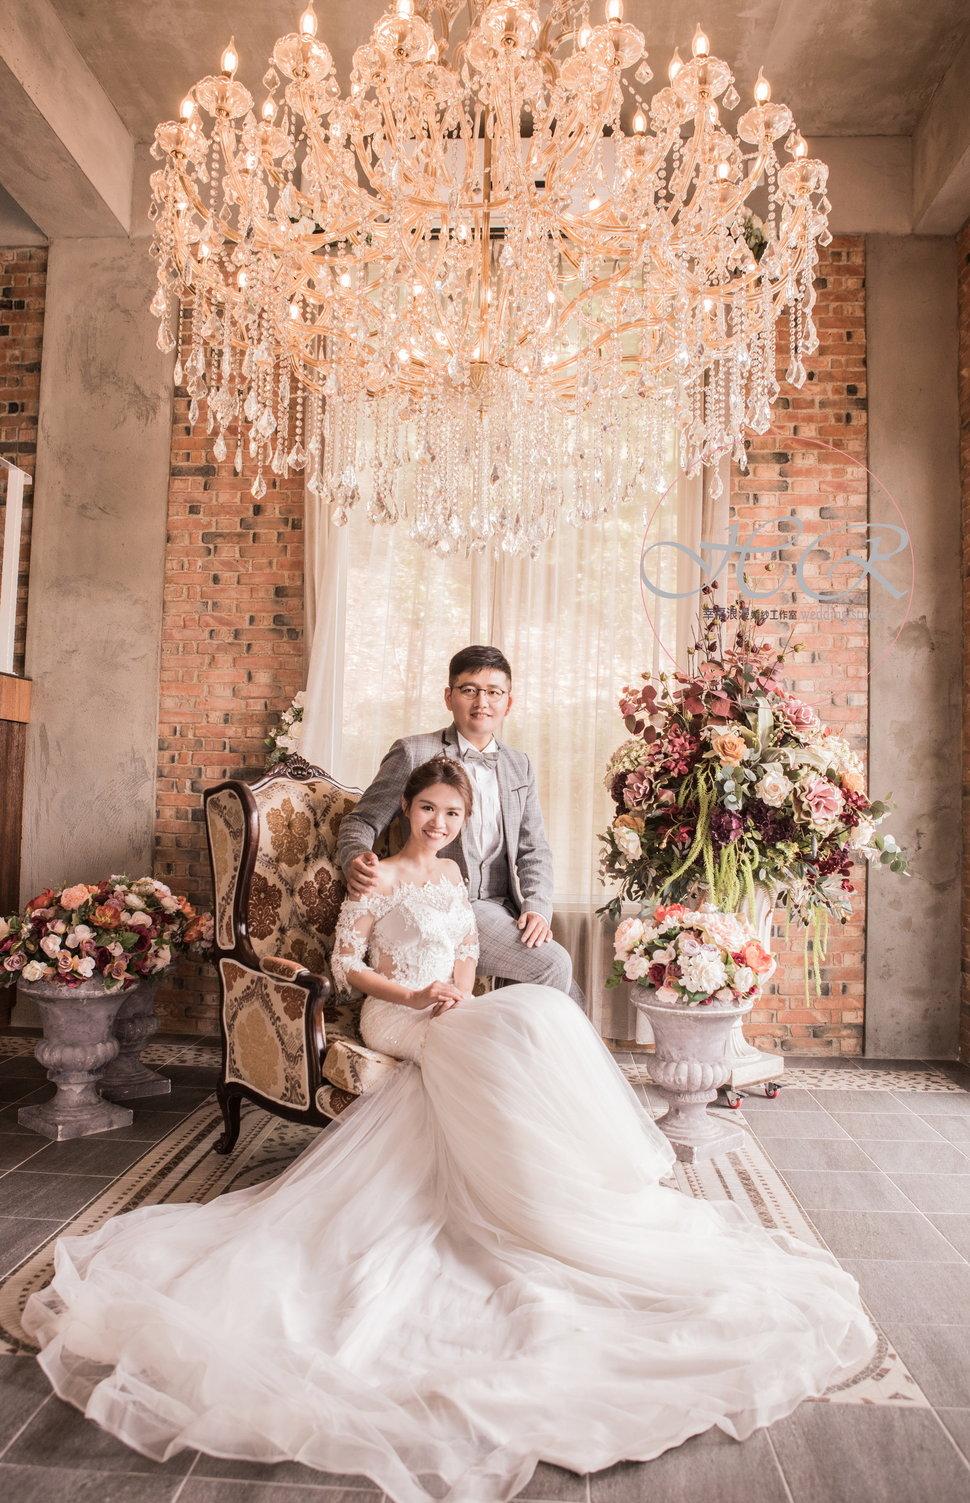 5G3A8043-1_調整大小 - 幸福浪漫婚紗工作室 韓式婚紗攝影《結婚吧》